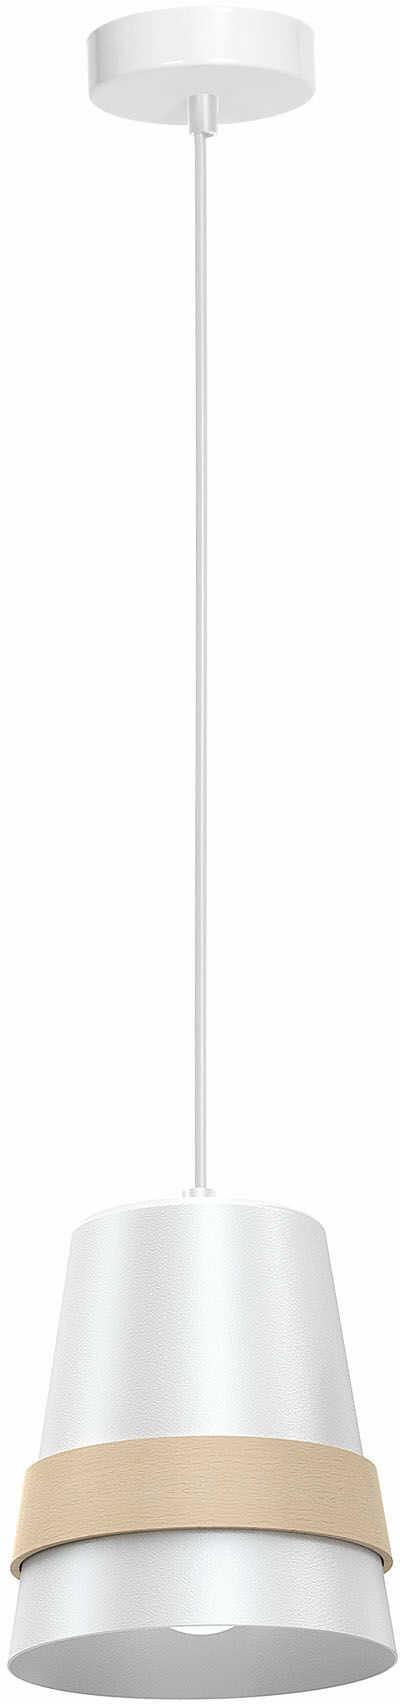 Milagro VENEZIA WHITE MLP5437 lampa wisząca nowoczesna metalowa biała z drewnem styl skandynawski 1xE27 14cm